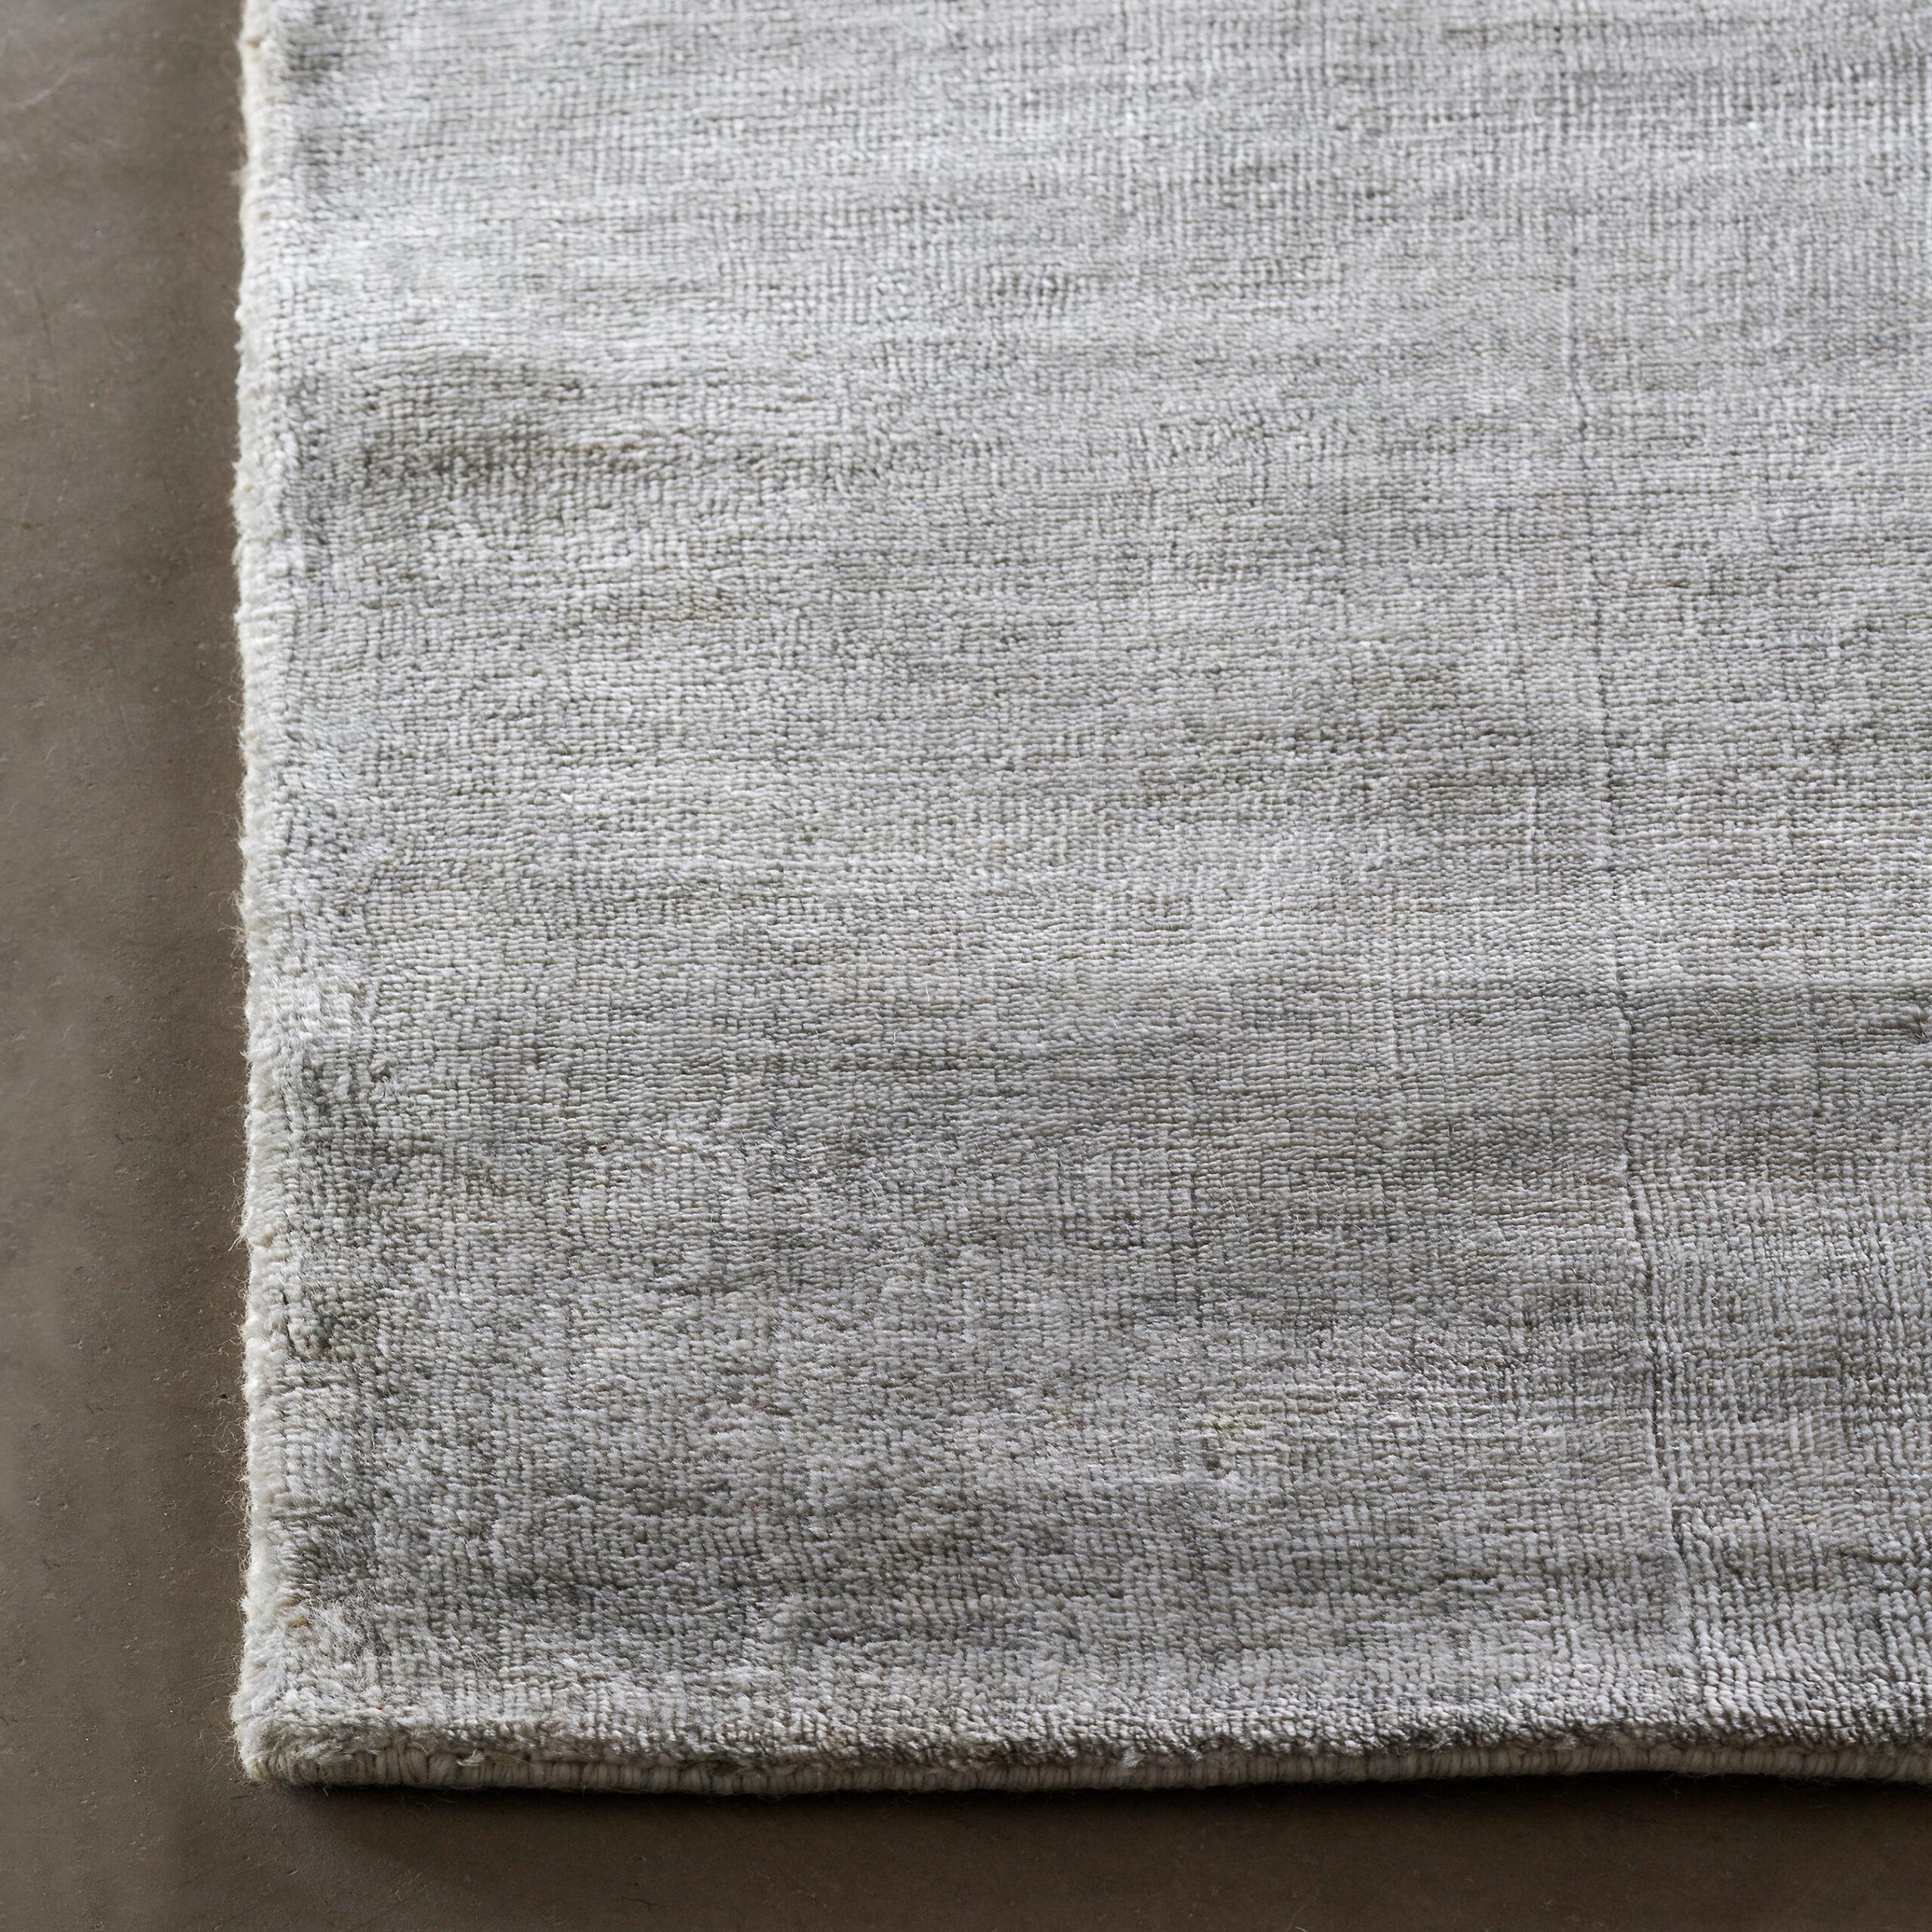 Full Size of Teppich 300x400 Massimo Bamboo Bad Küche Für Schlafzimmer Wohnzimmer Teppiche Esstisch Steinteppich Badezimmer Wohnzimmer Teppich 300x400